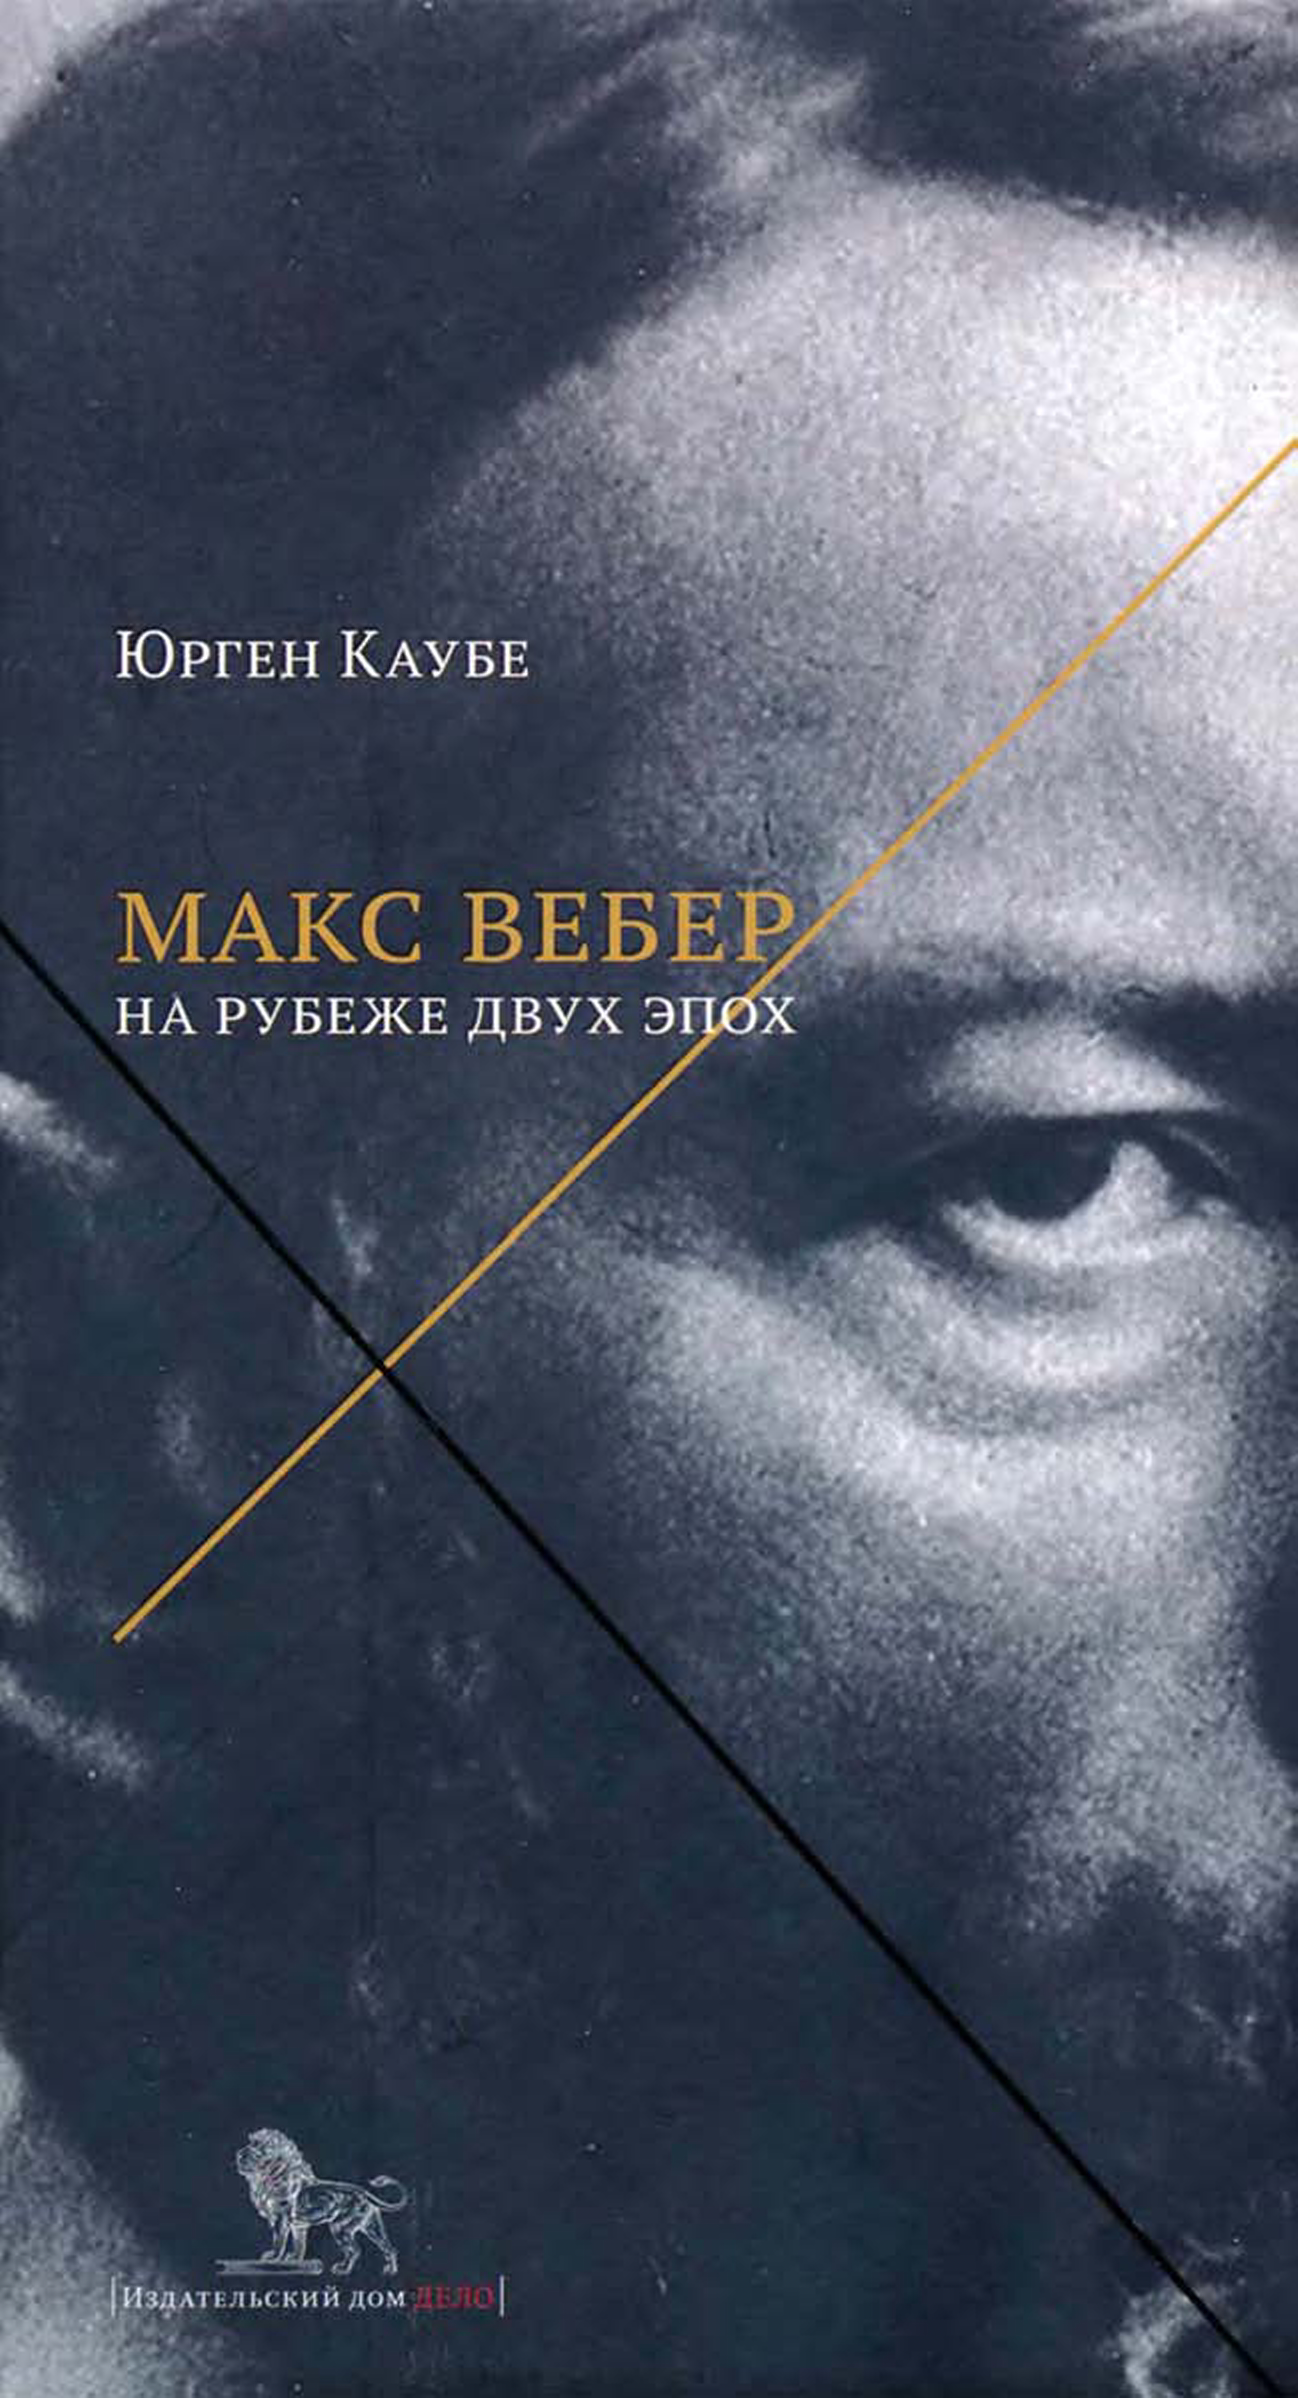 Михайлов руслан все книги скачать бесплатно